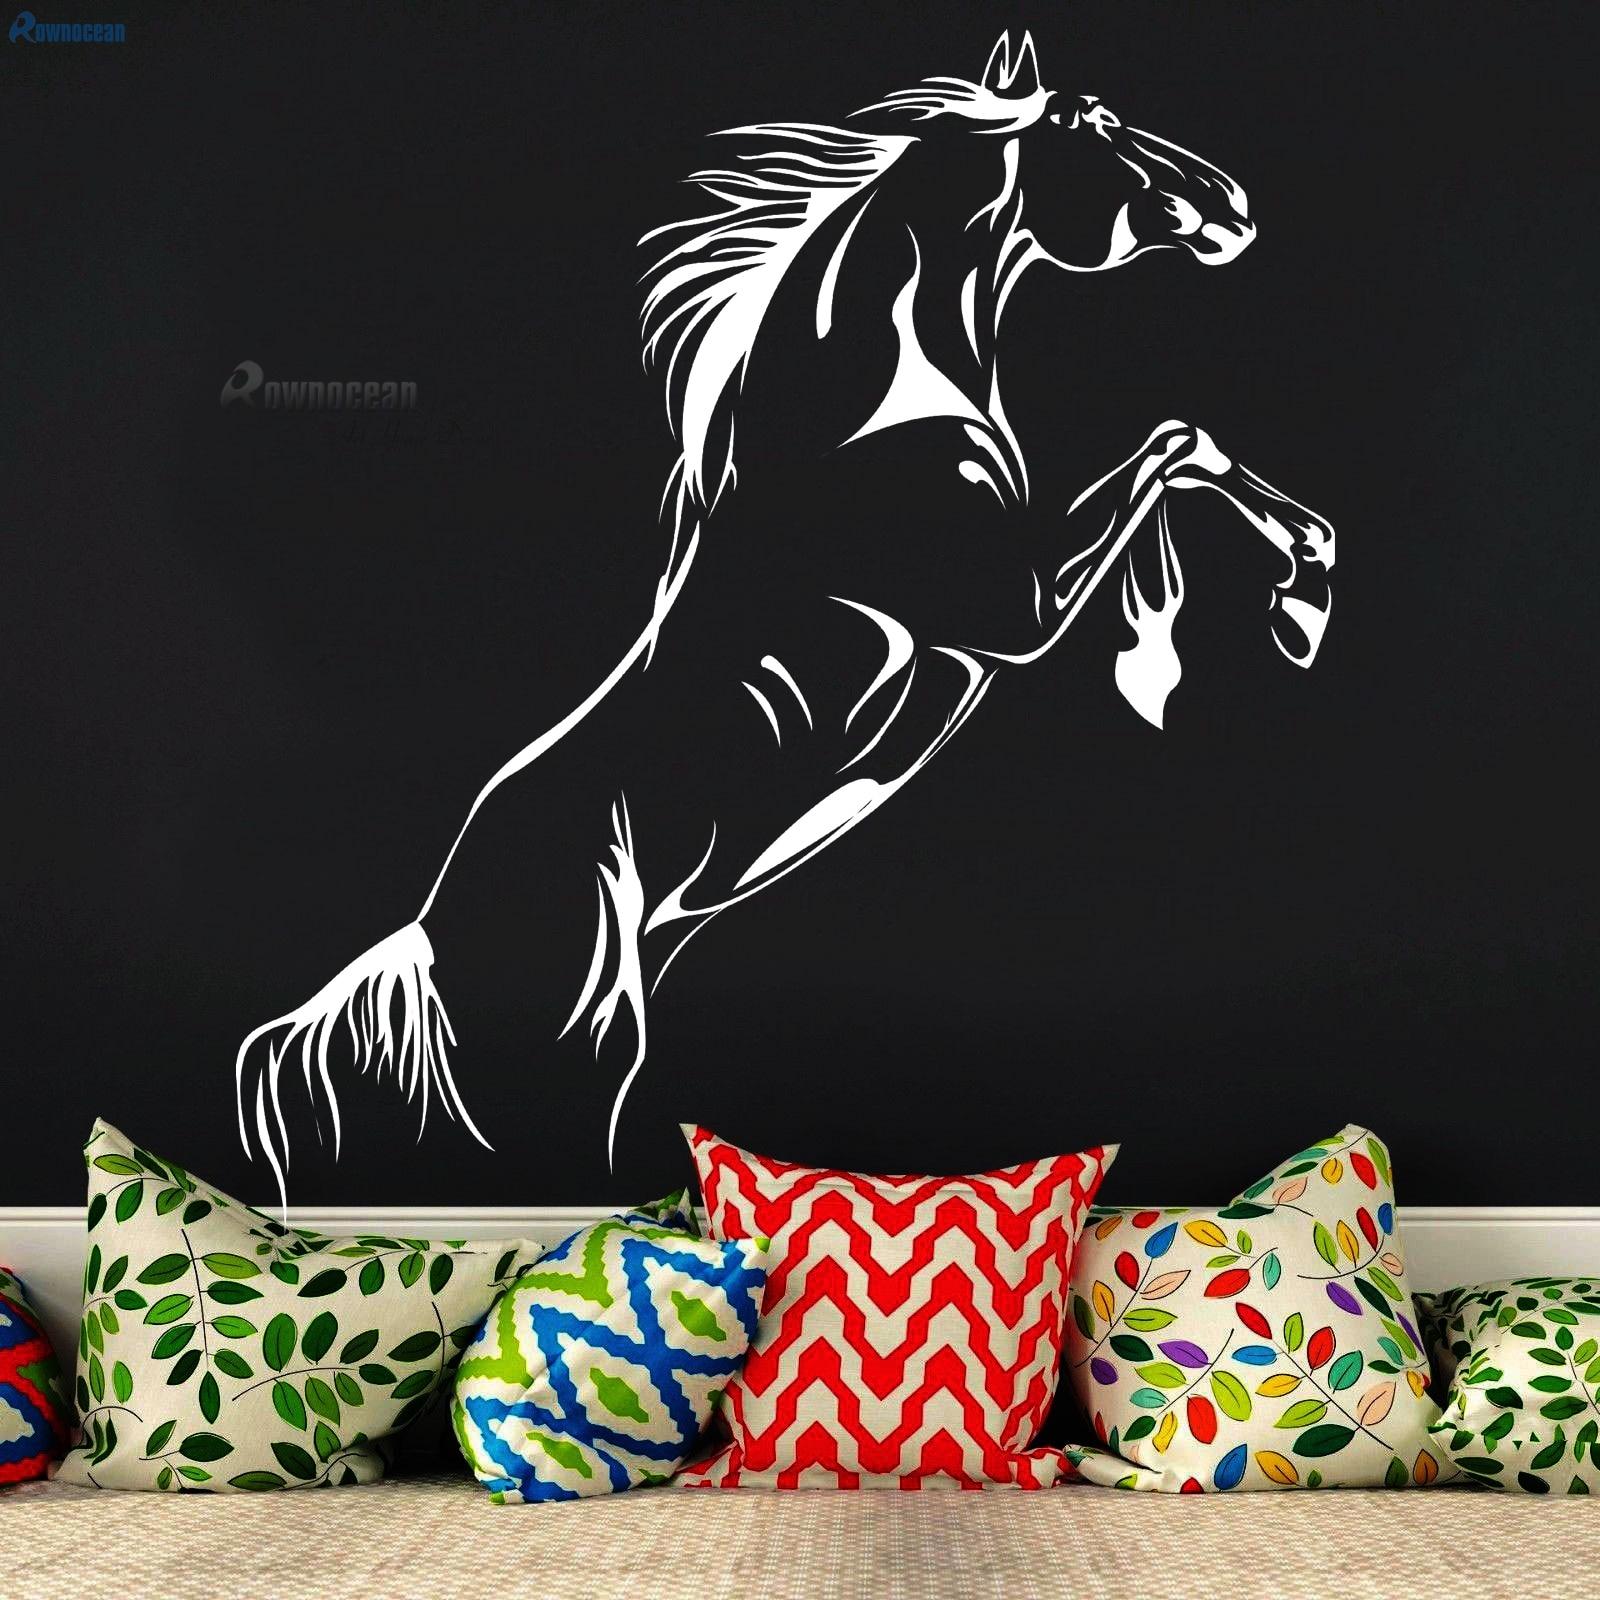 Animali creativi Cavallo da corsa Adesivi murali interni Per camerette Decorazioni per la casa d'arte Soggiorno Vinile Stagna Rimovibile D-13